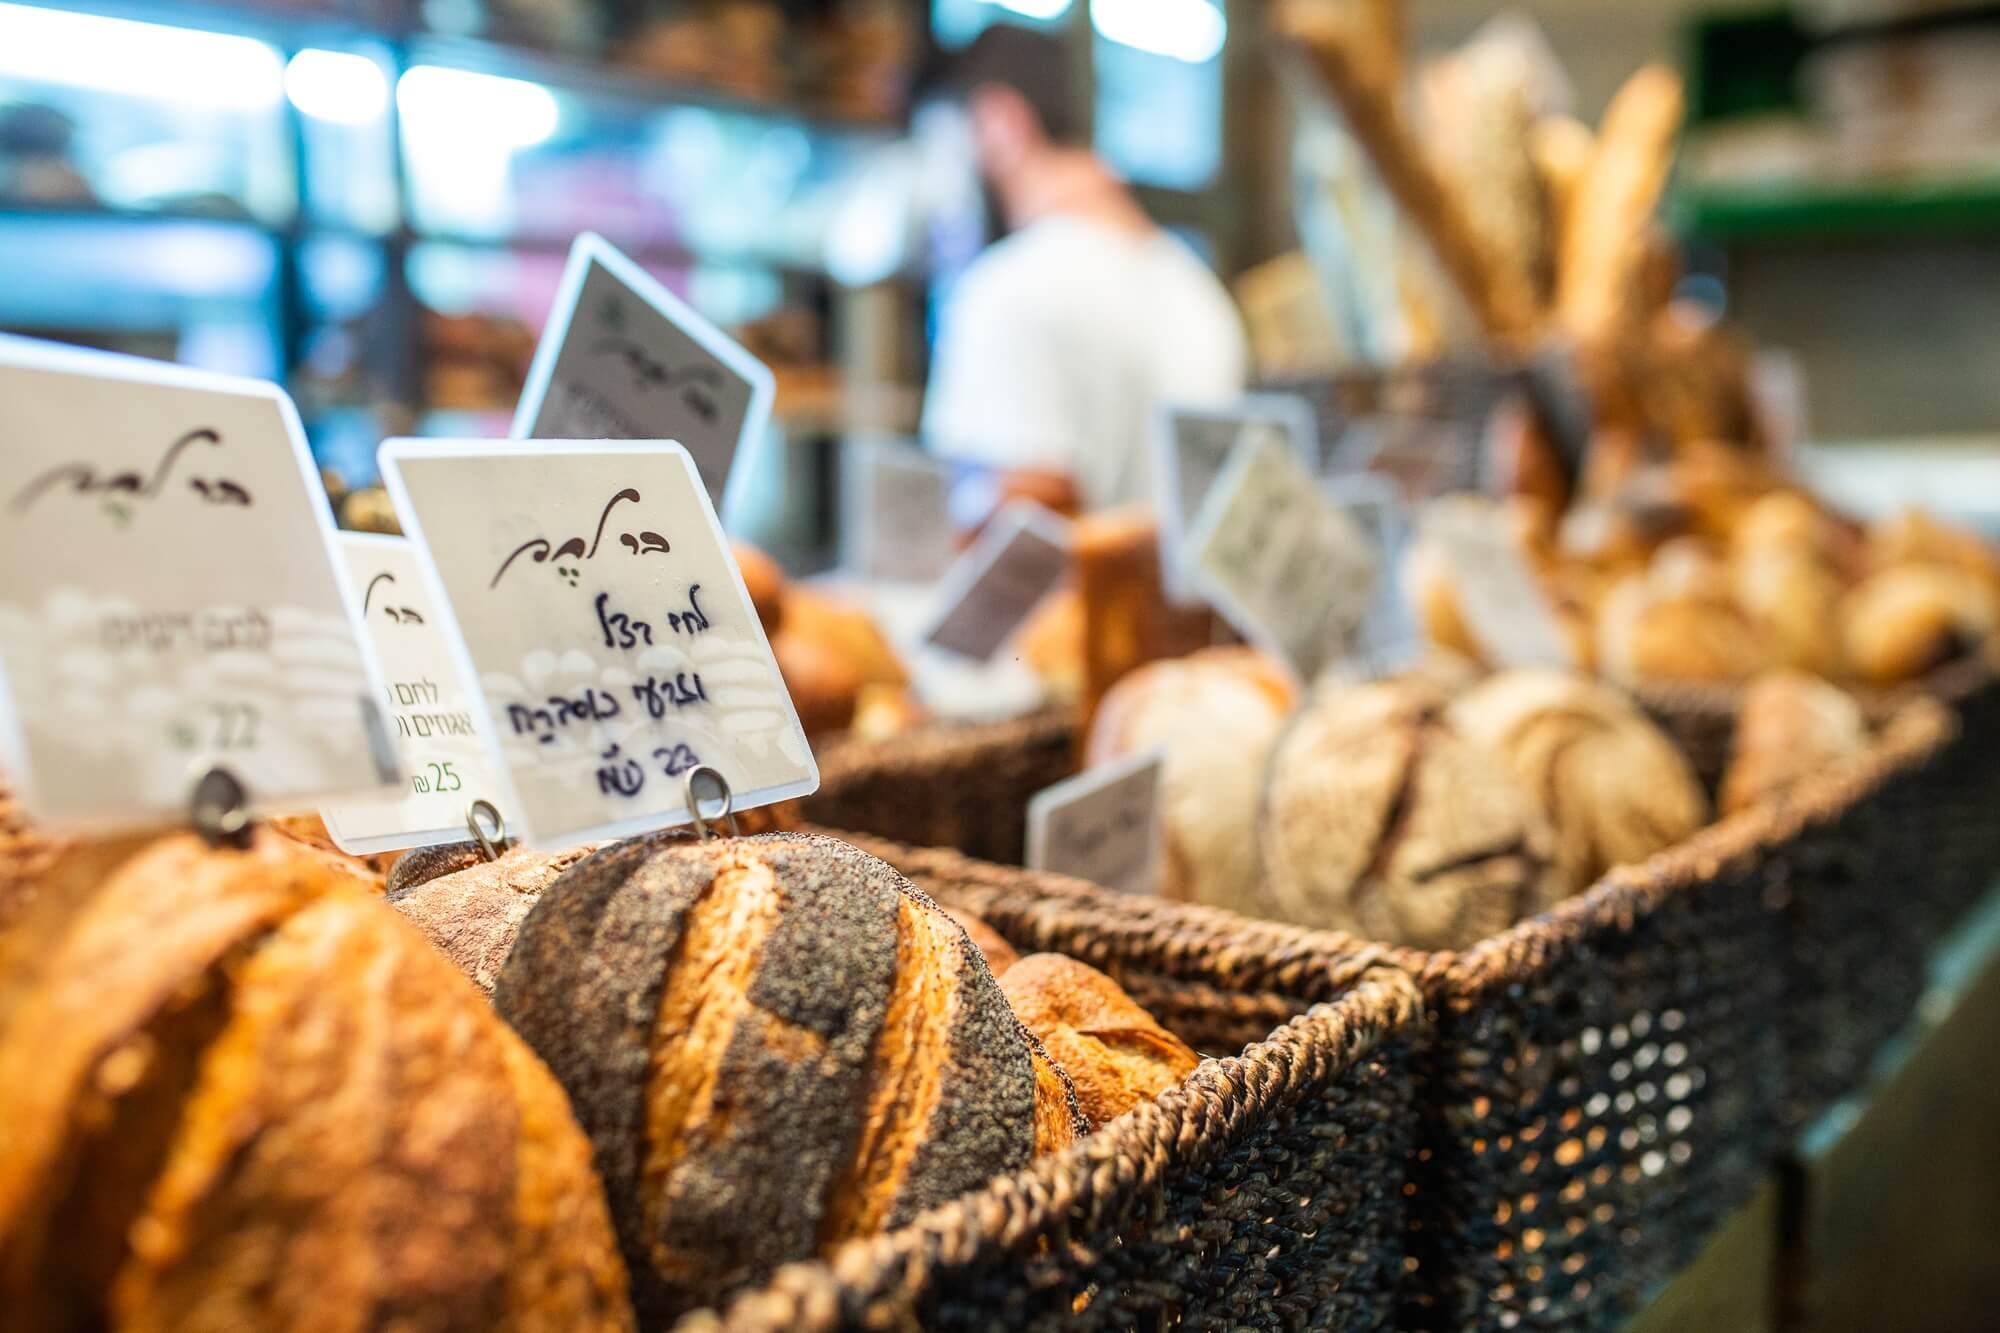 בר לחם – ככה בונים מוסד 2